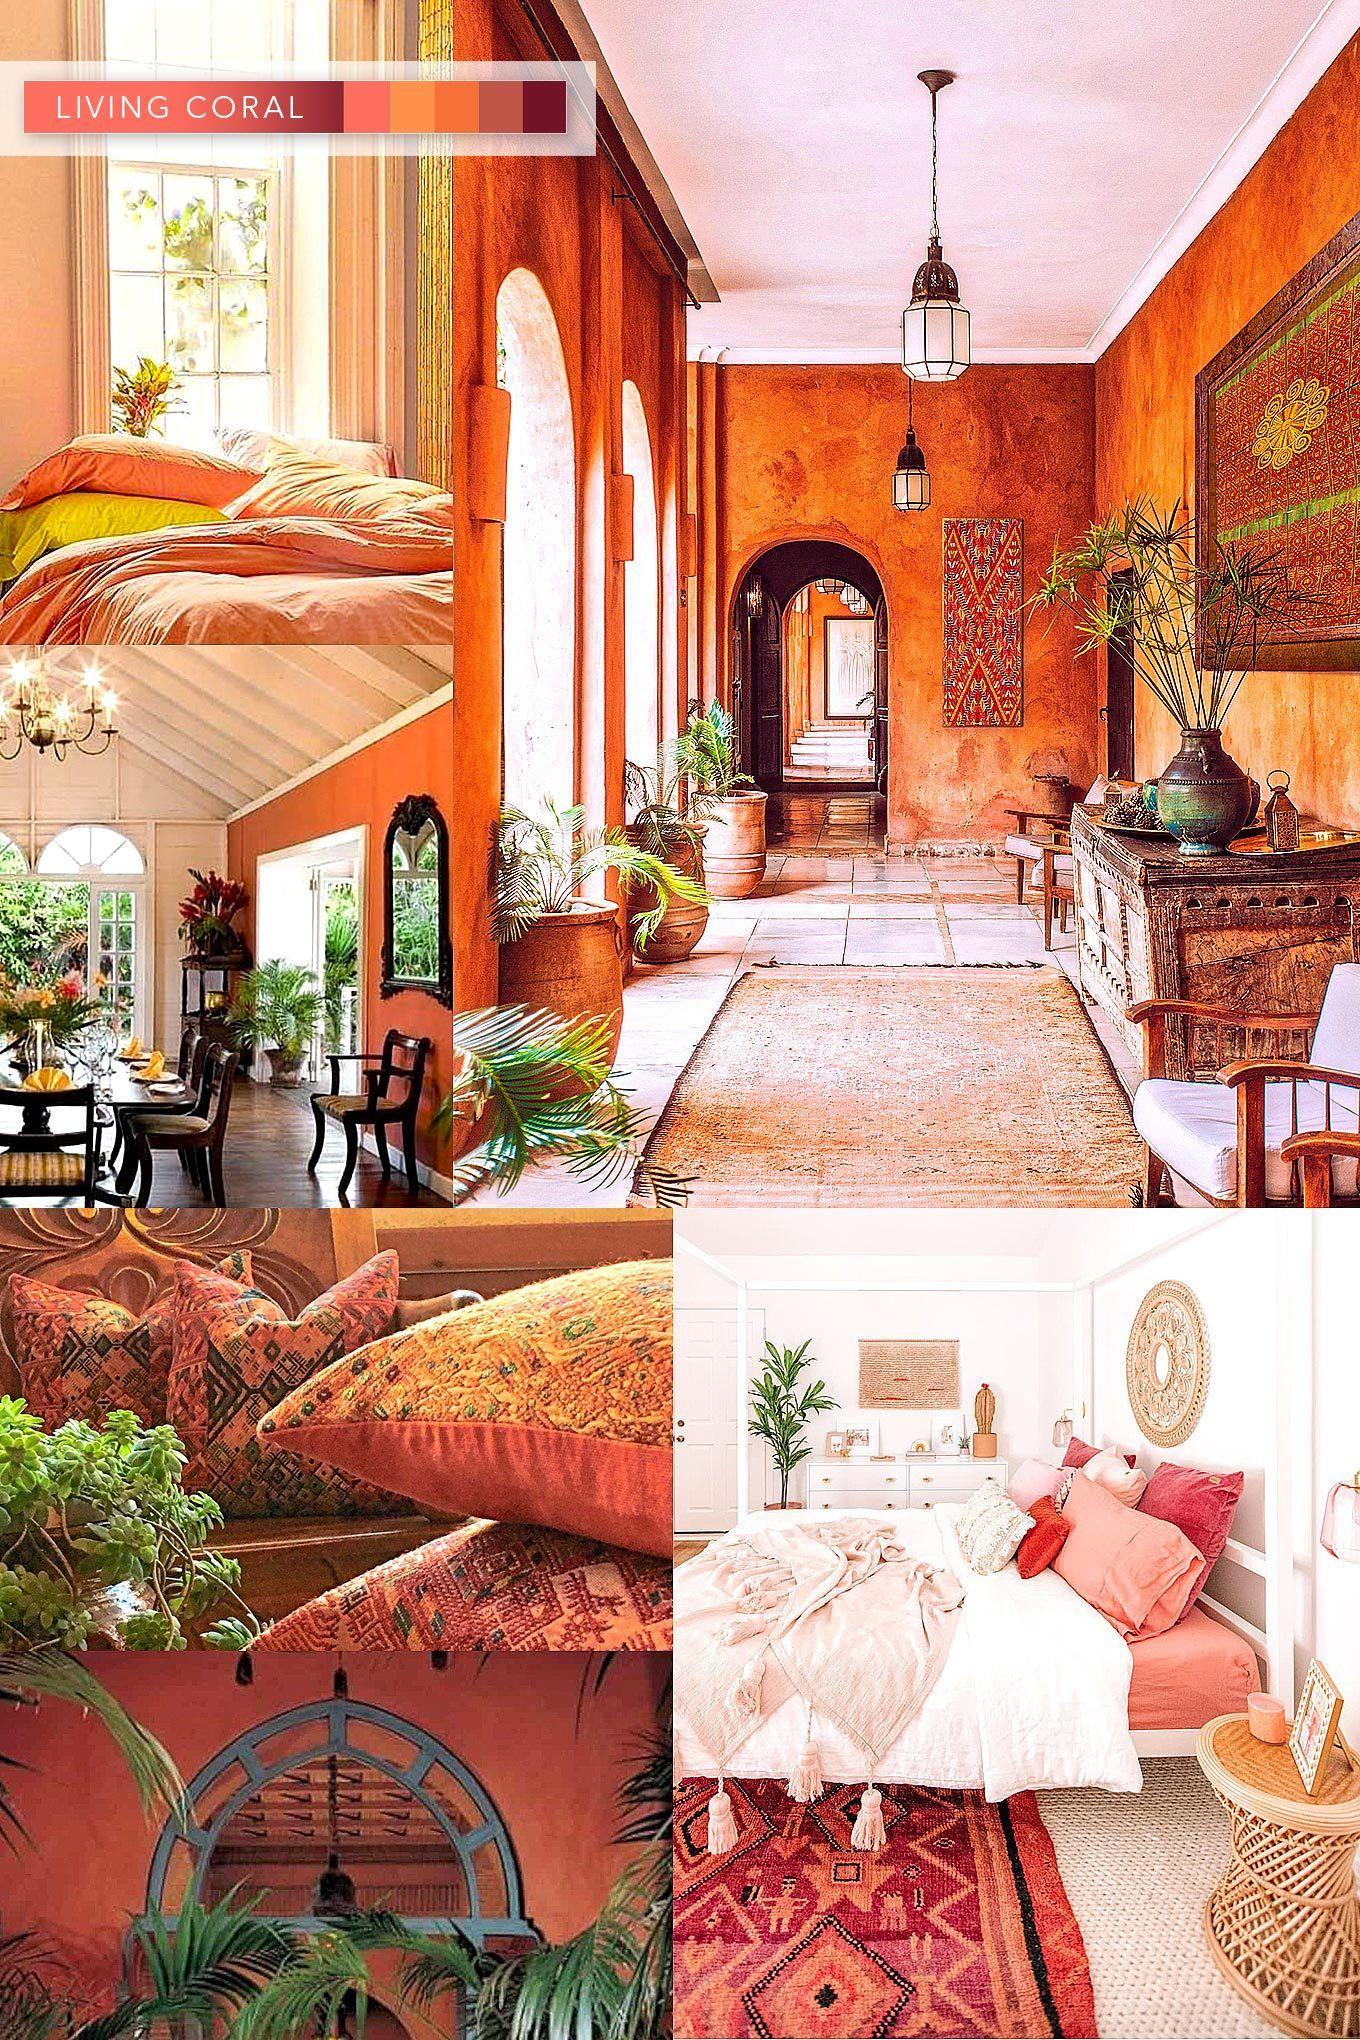 Interior Decor Color Trends For 2020 Colorful decor